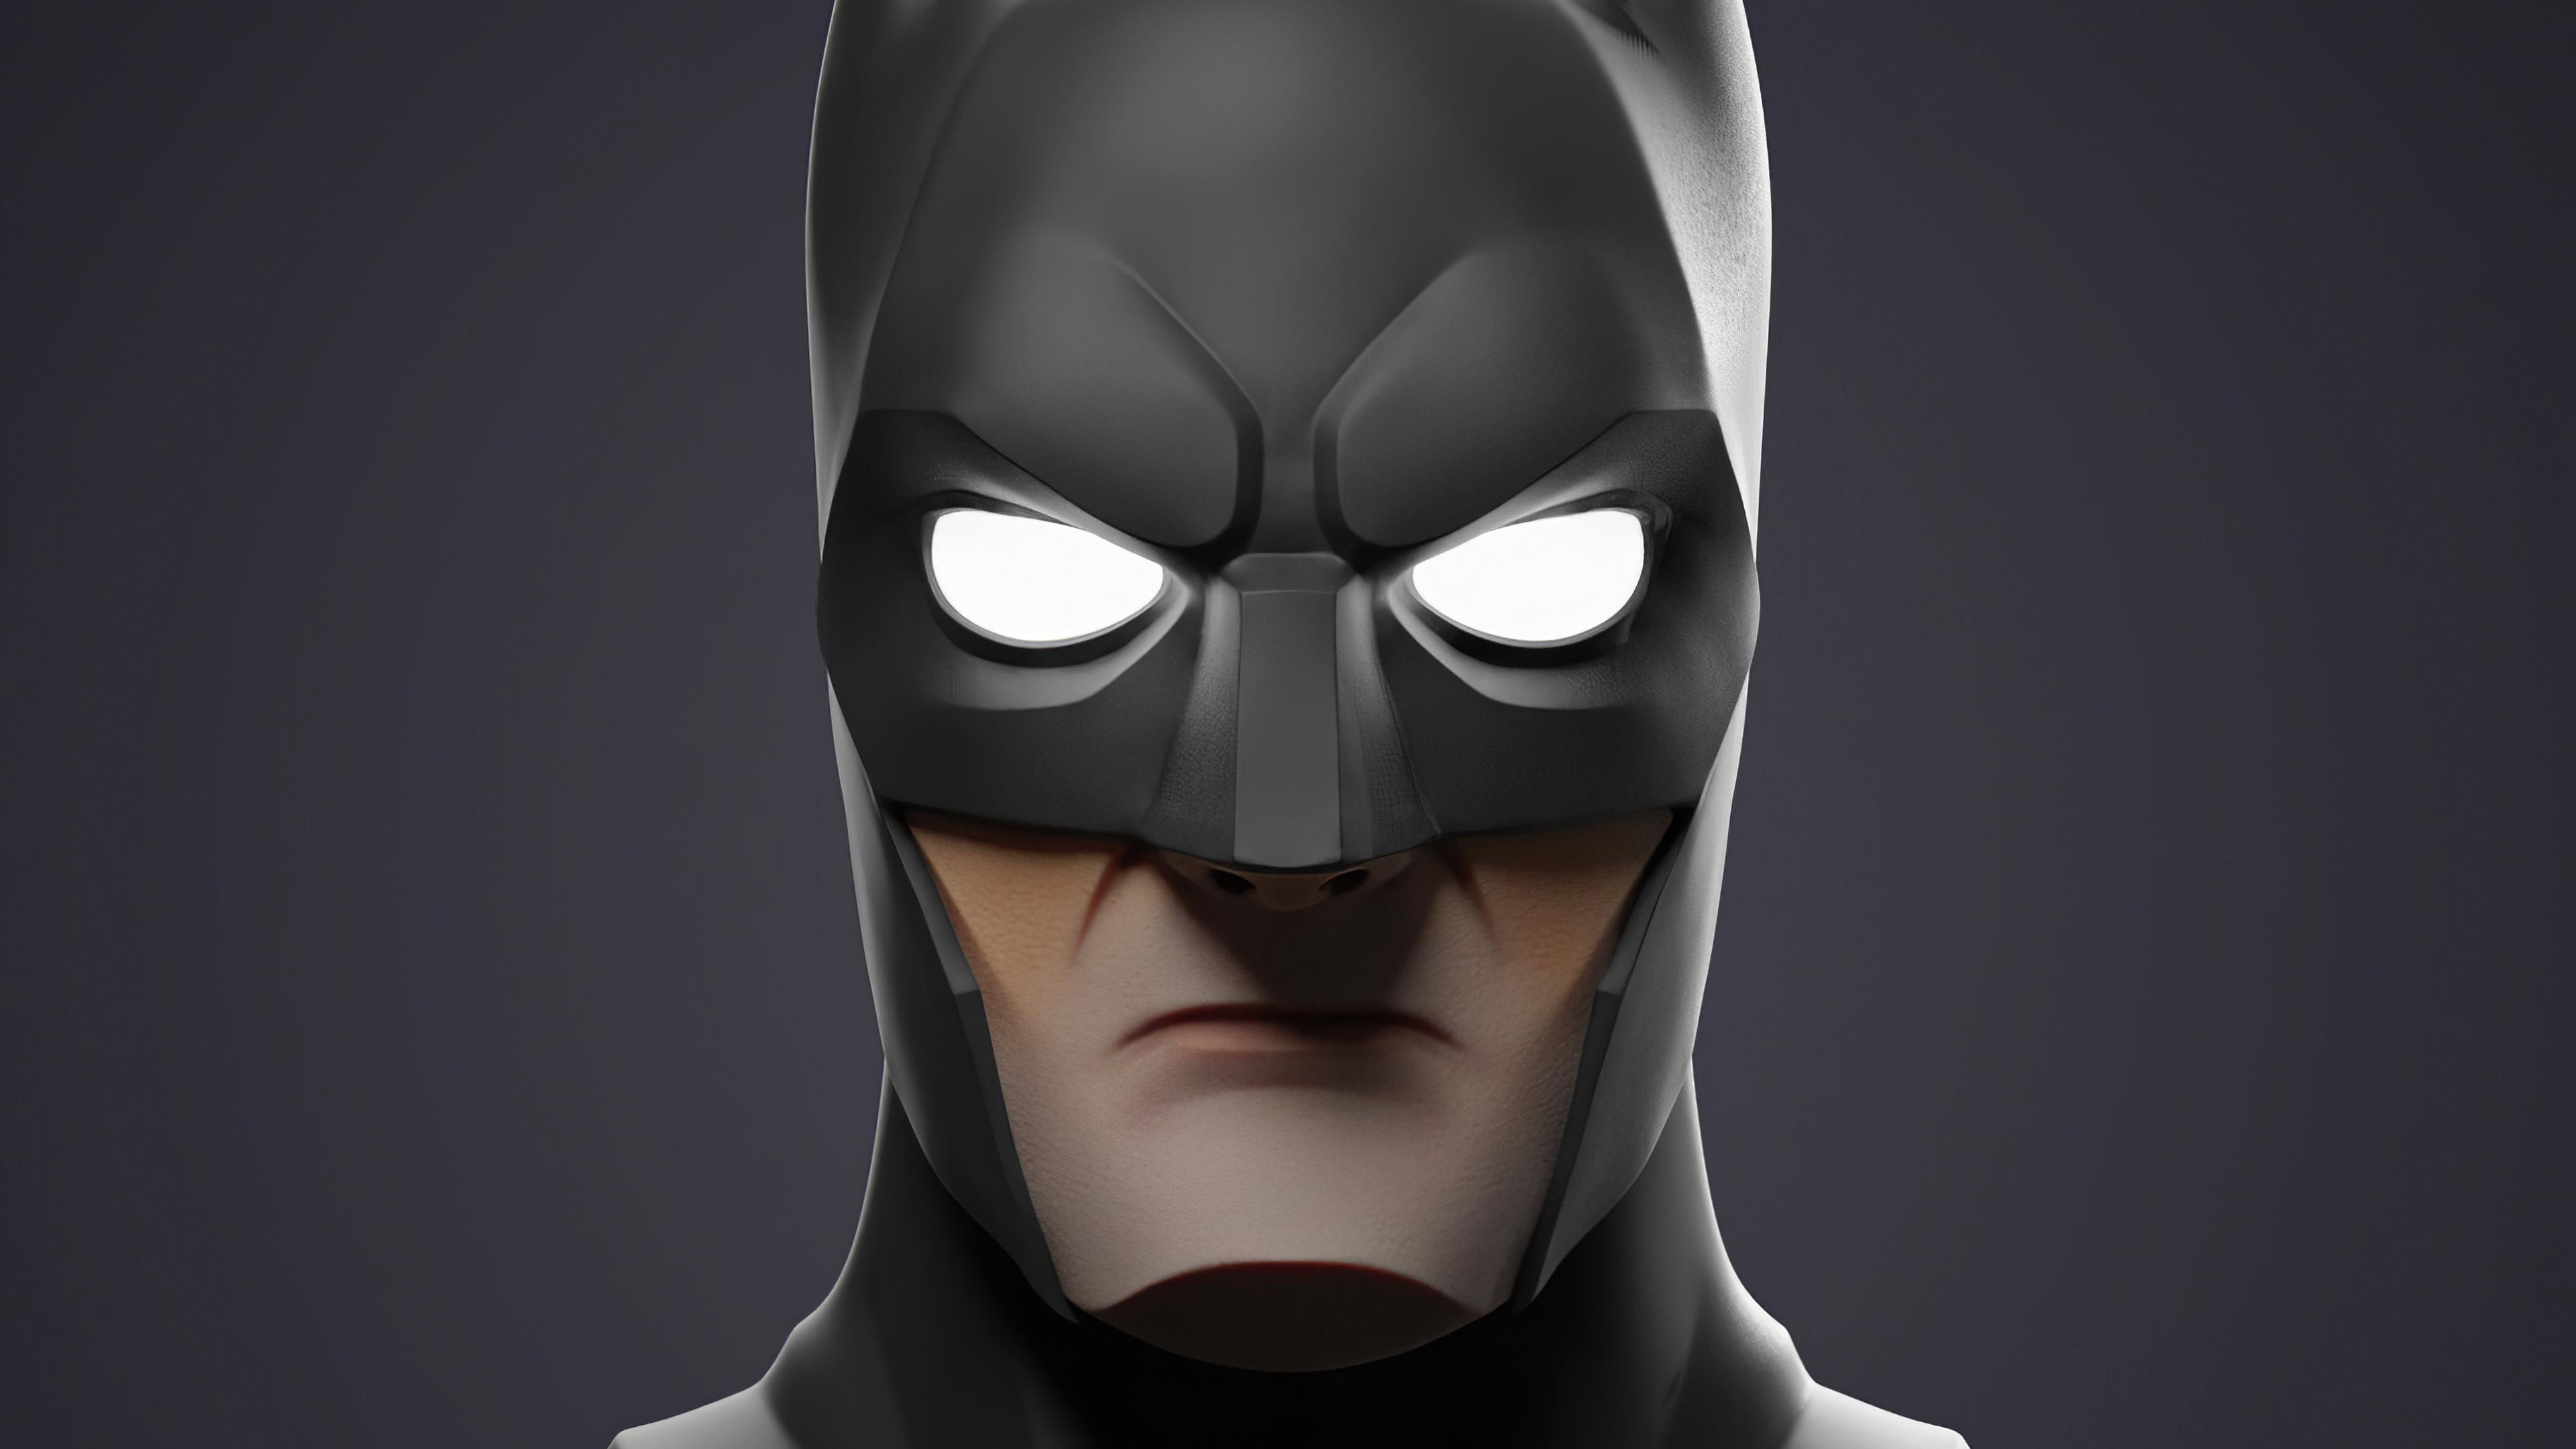 batman glowing eyes 1572368850 - Batman Glowing Eyes - superheroes wallpapers, hd-wallpapers, digital art wallpapers, batman wallpapers, artwork wallpapers, artstation wallpapers, artist wallpapers, 4k-wallpapers